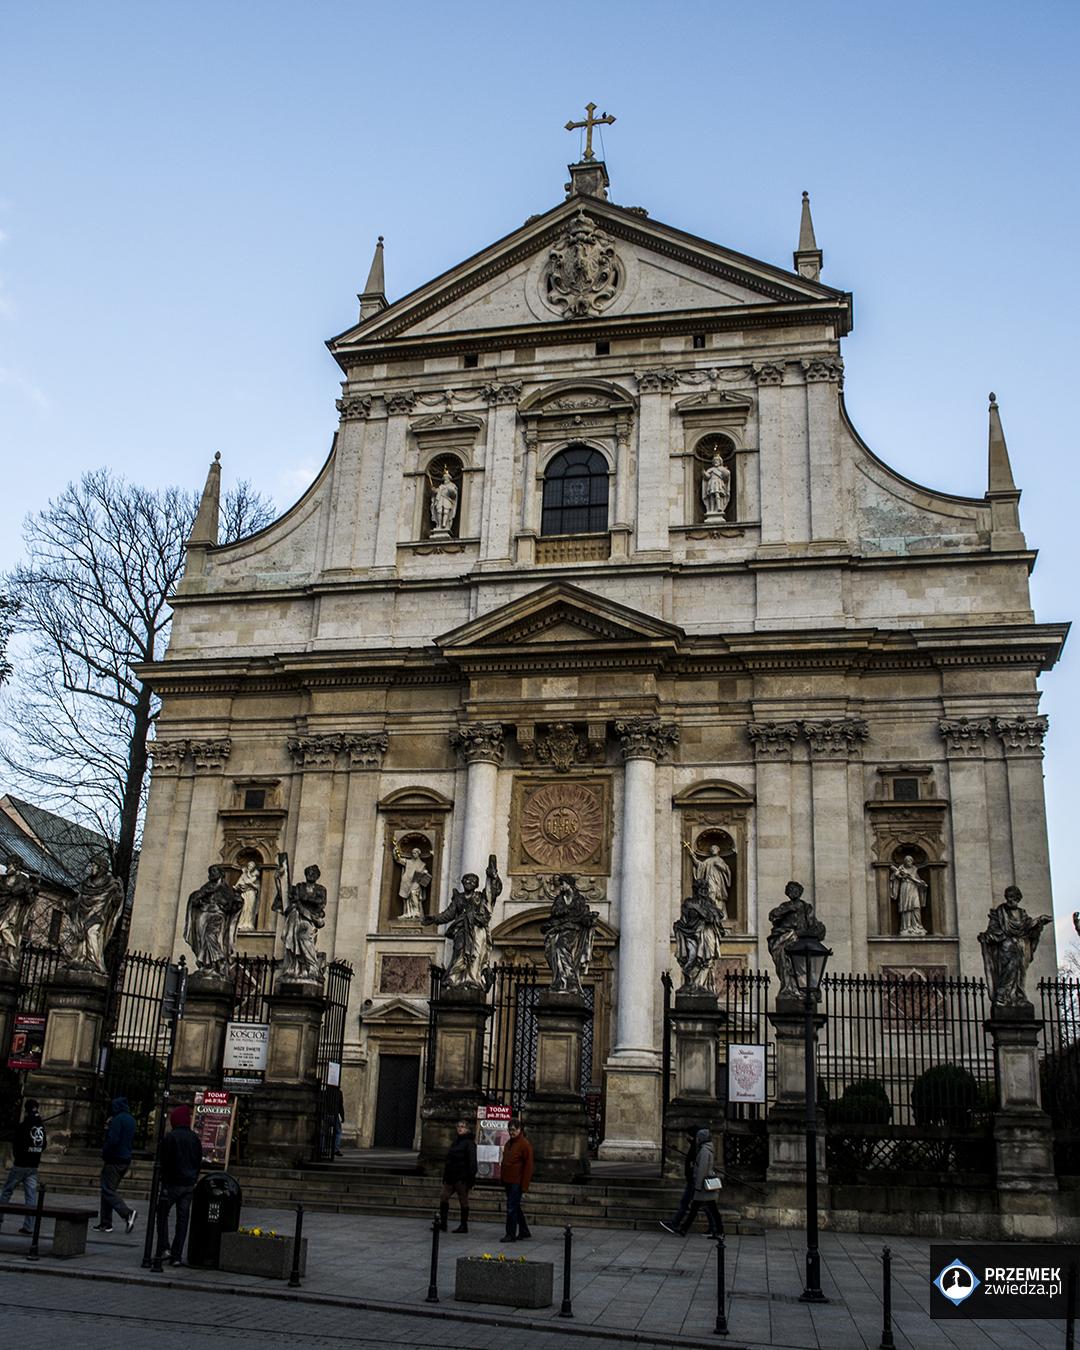 Kościoł pw. św.św. Piotra i Pawła kraków